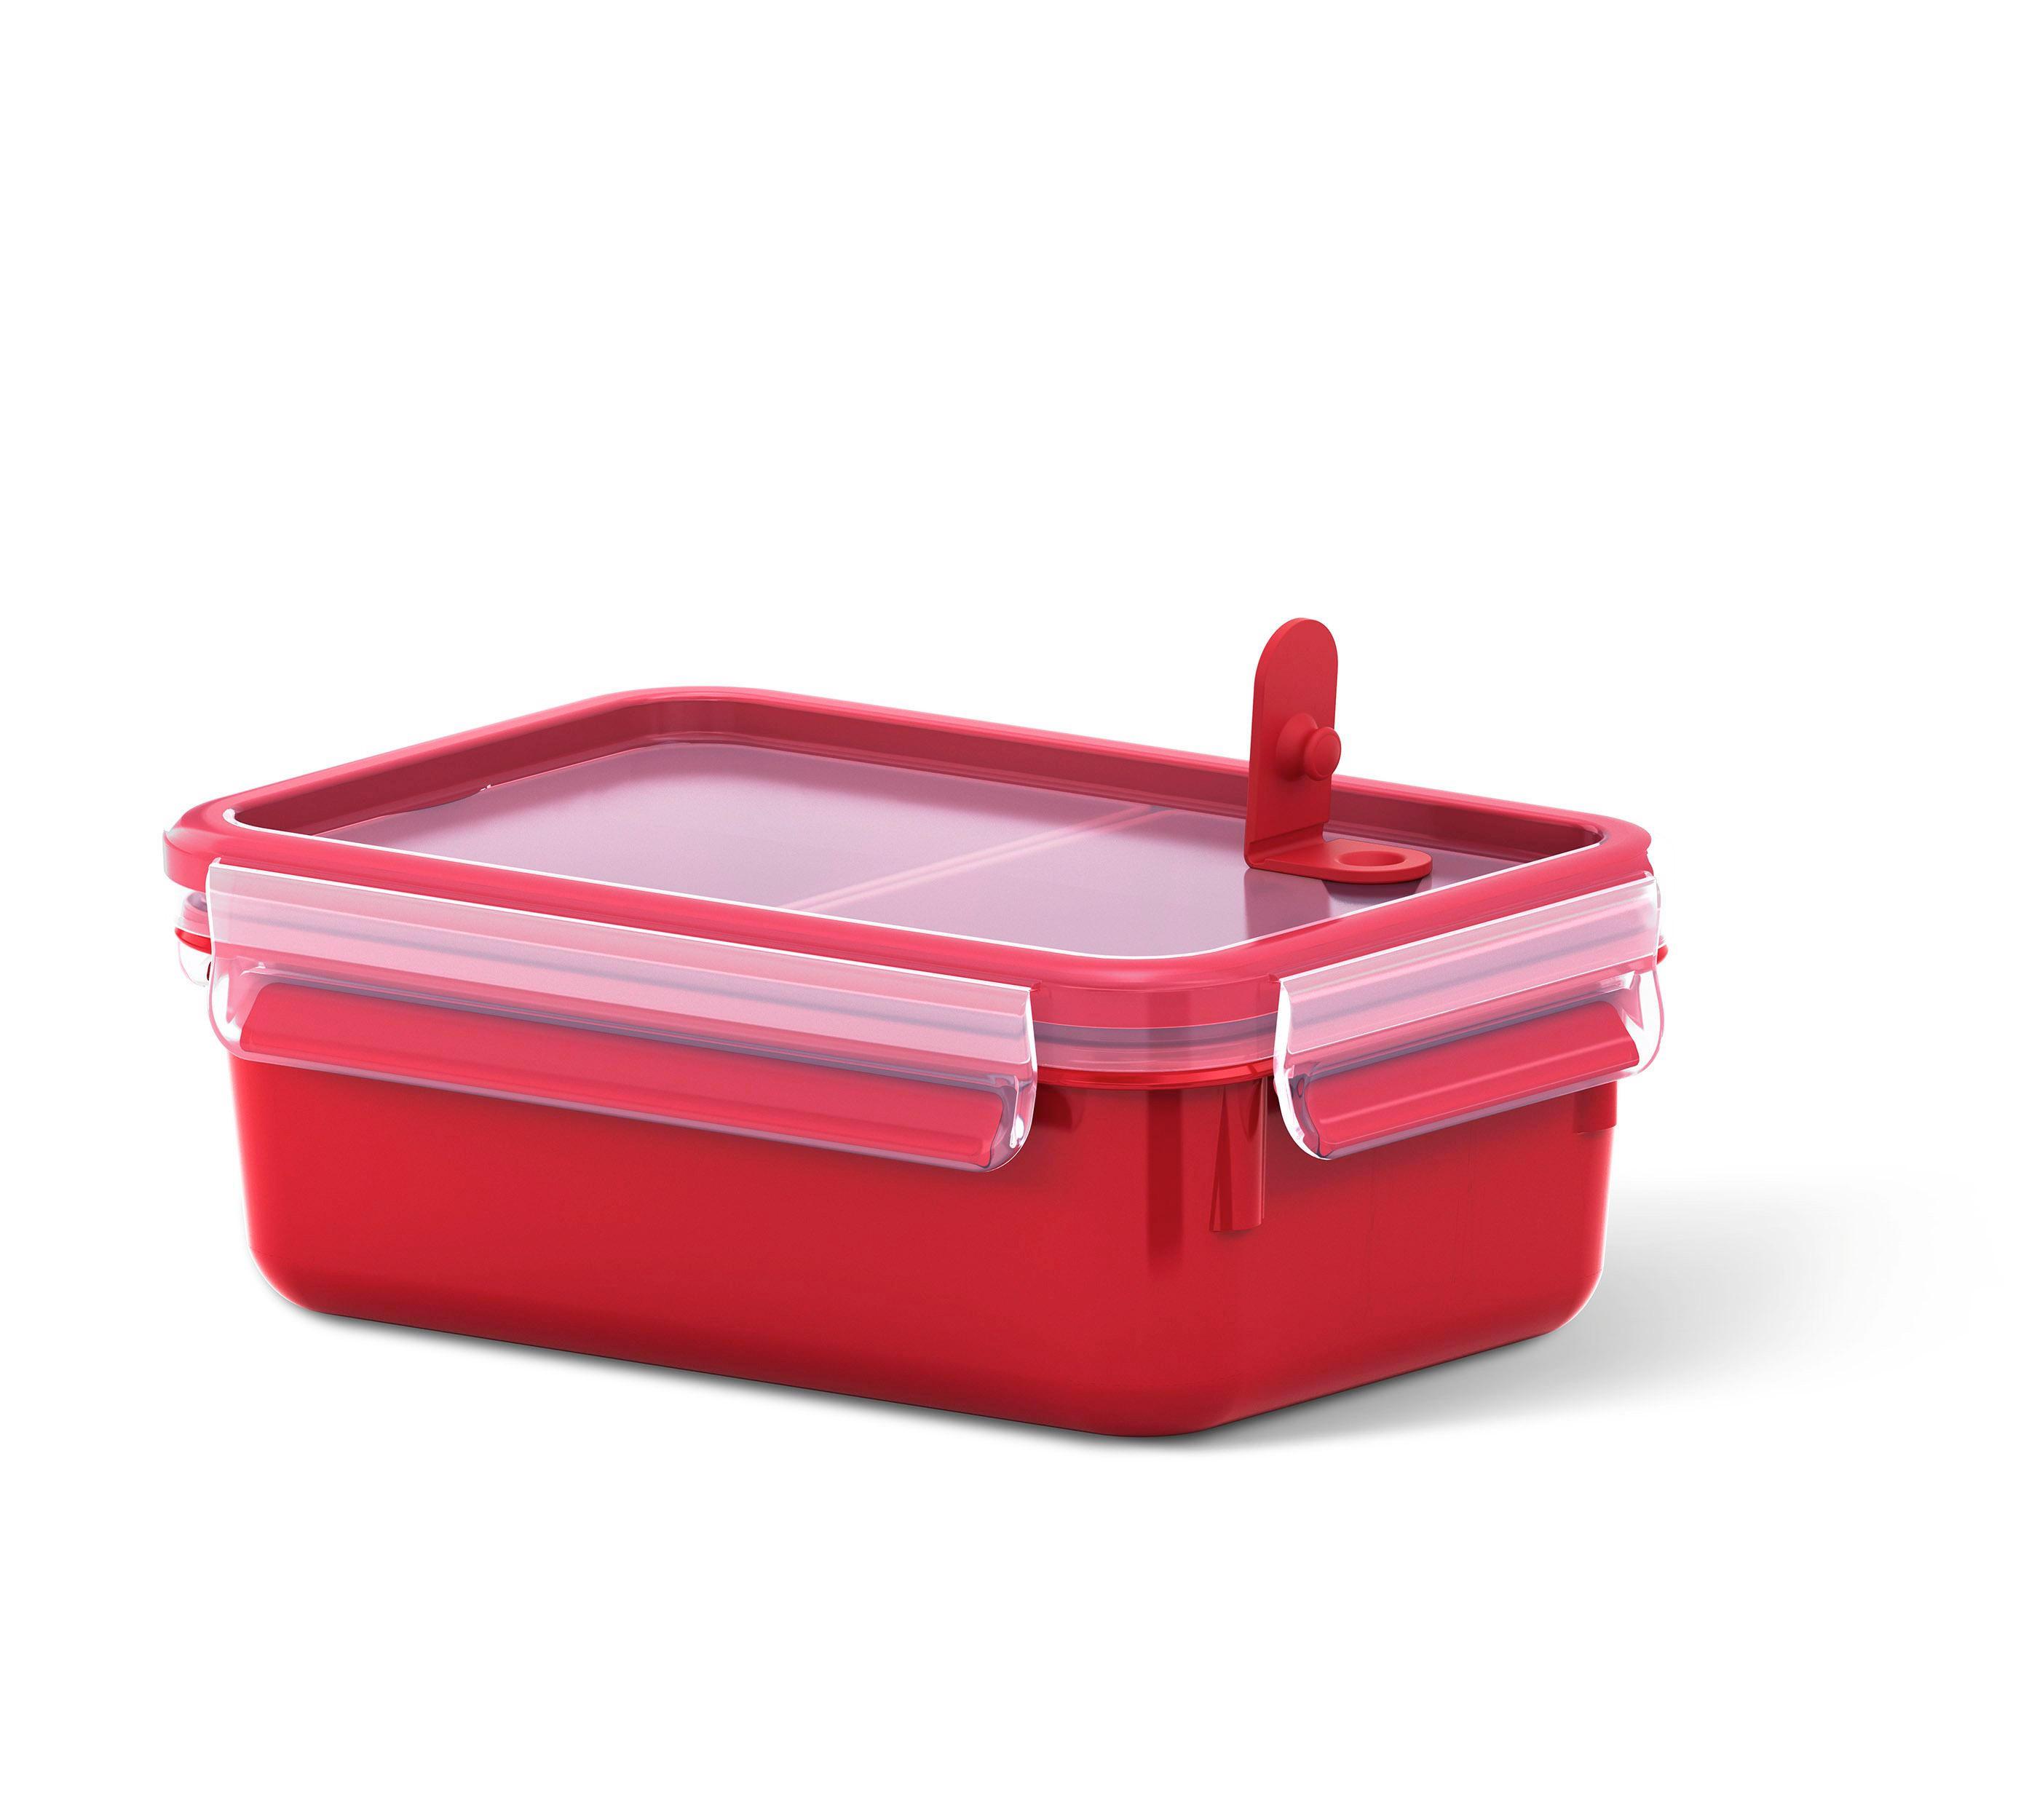 MIKROWELLENDOSE  1 l - Transparent/Rot, Design, Kunststoff (1l) - EMSA